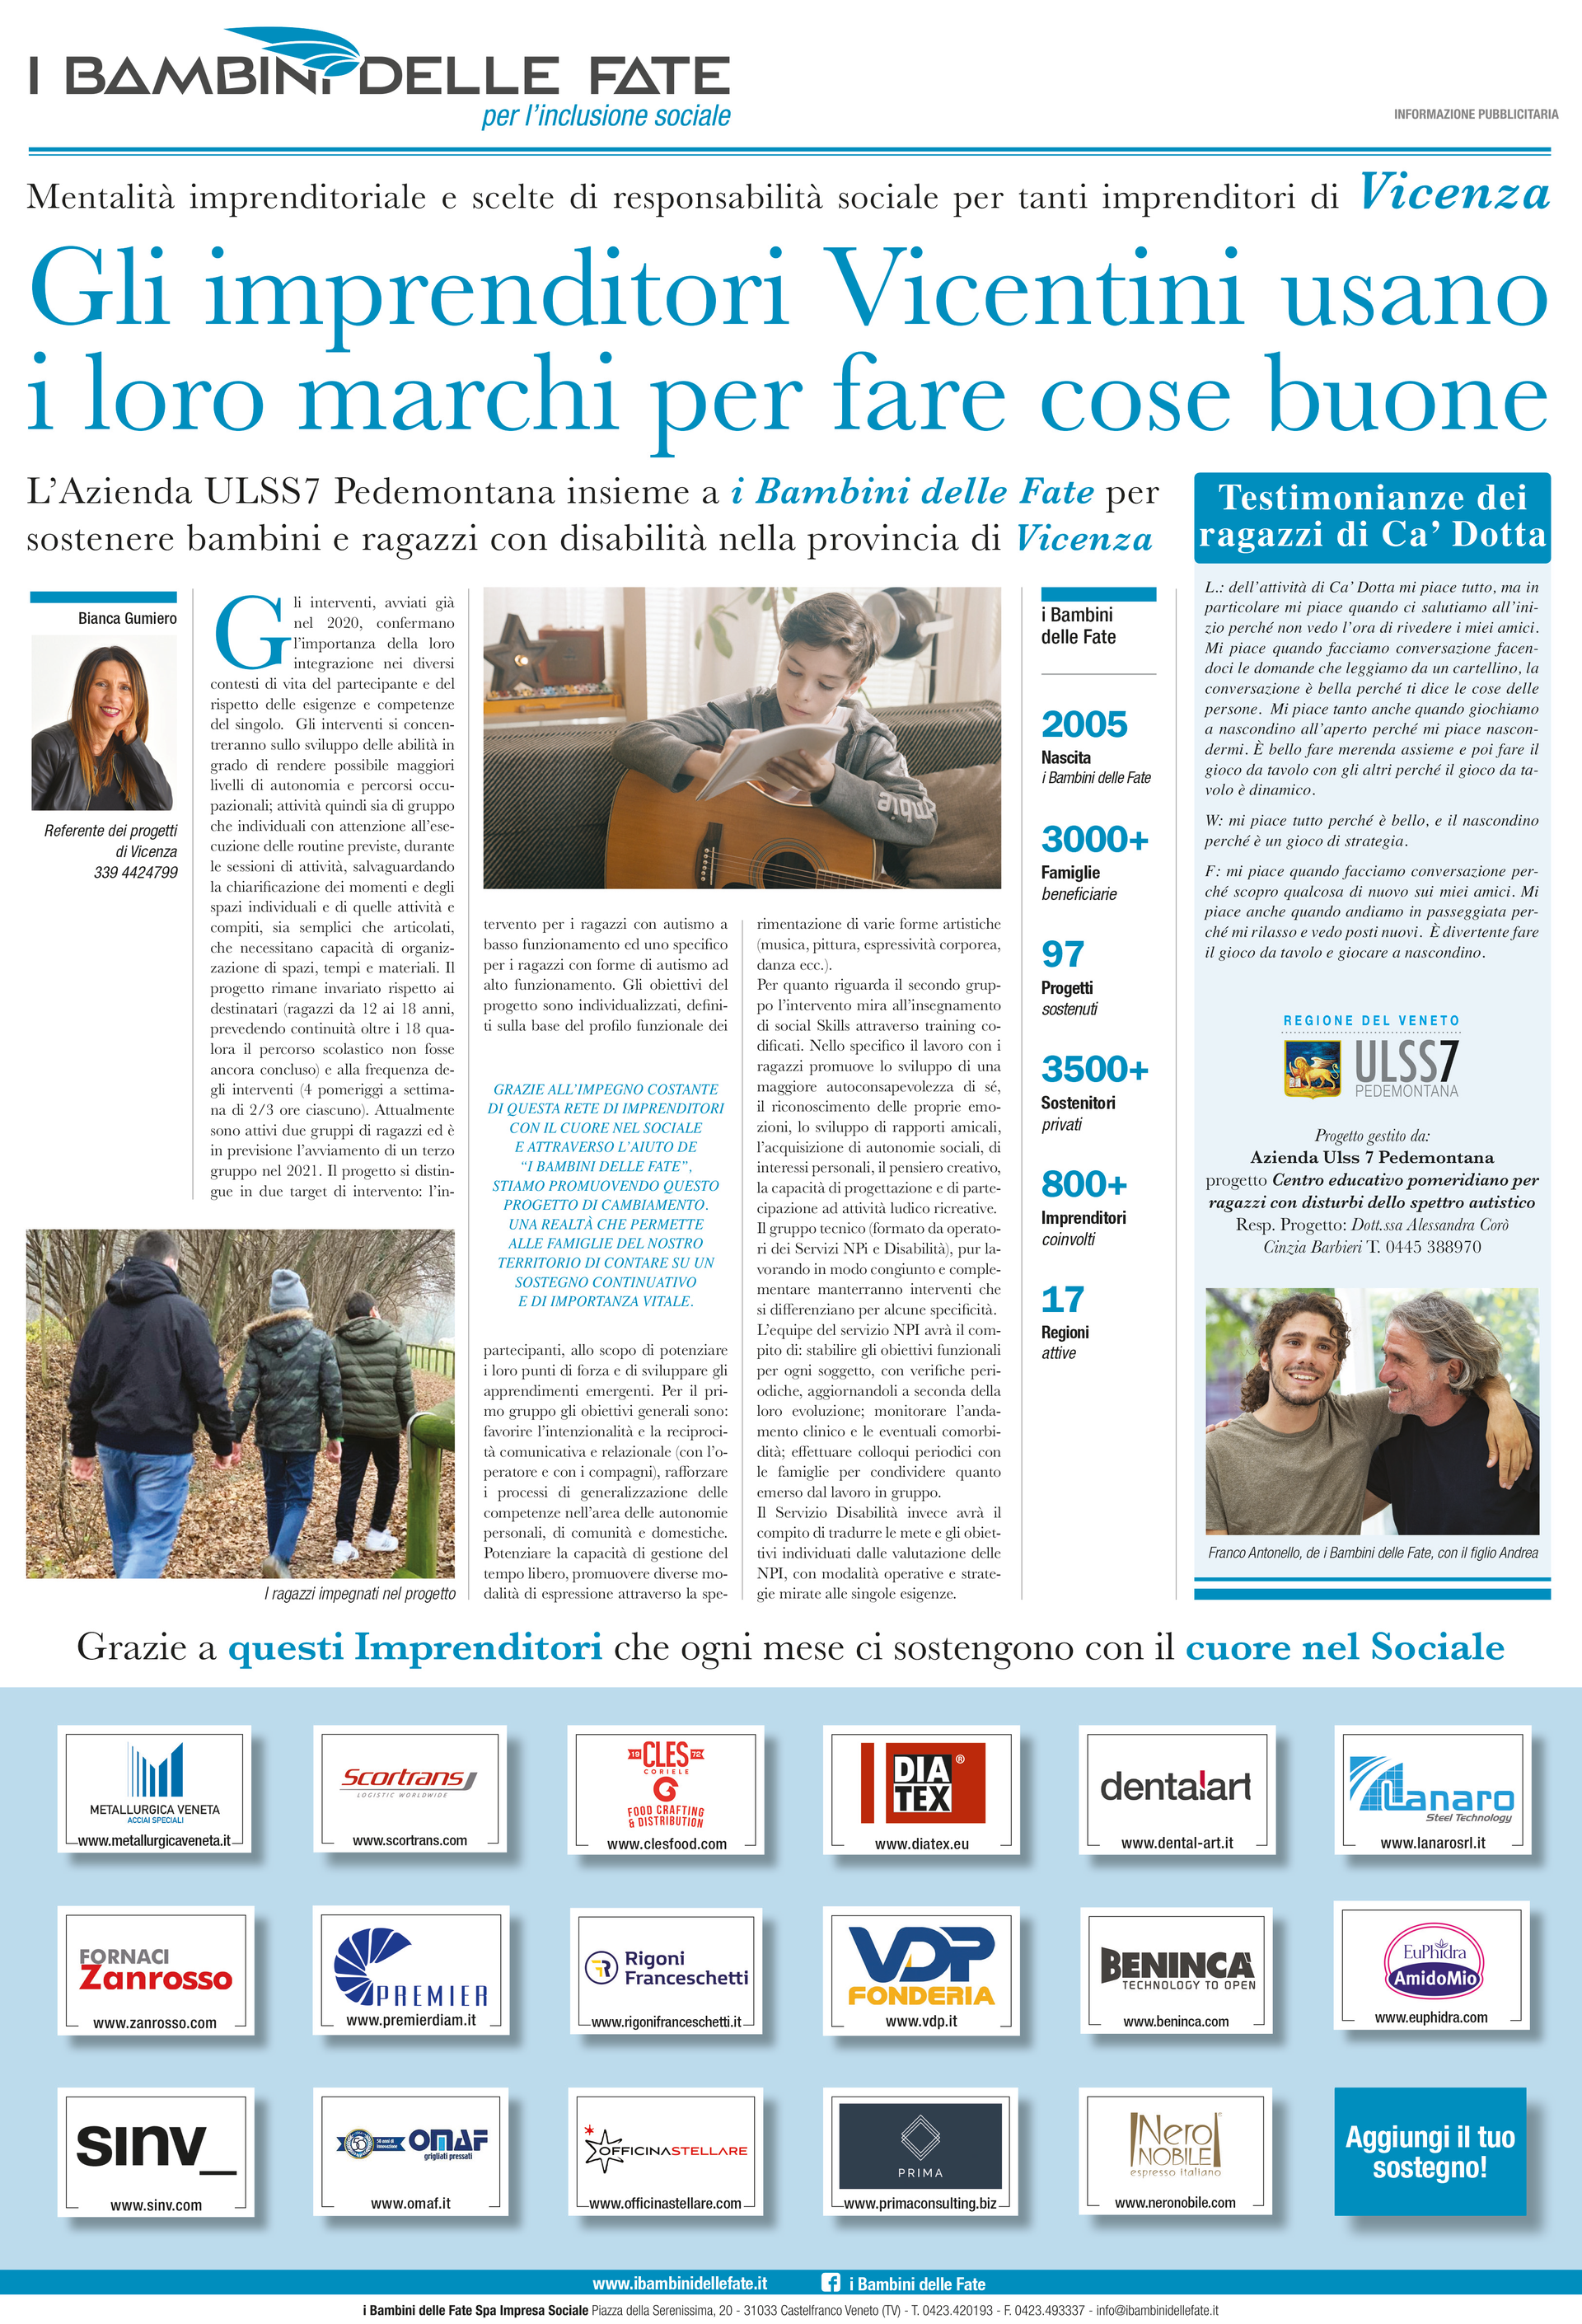 Press: La Repubblica 14 giugno